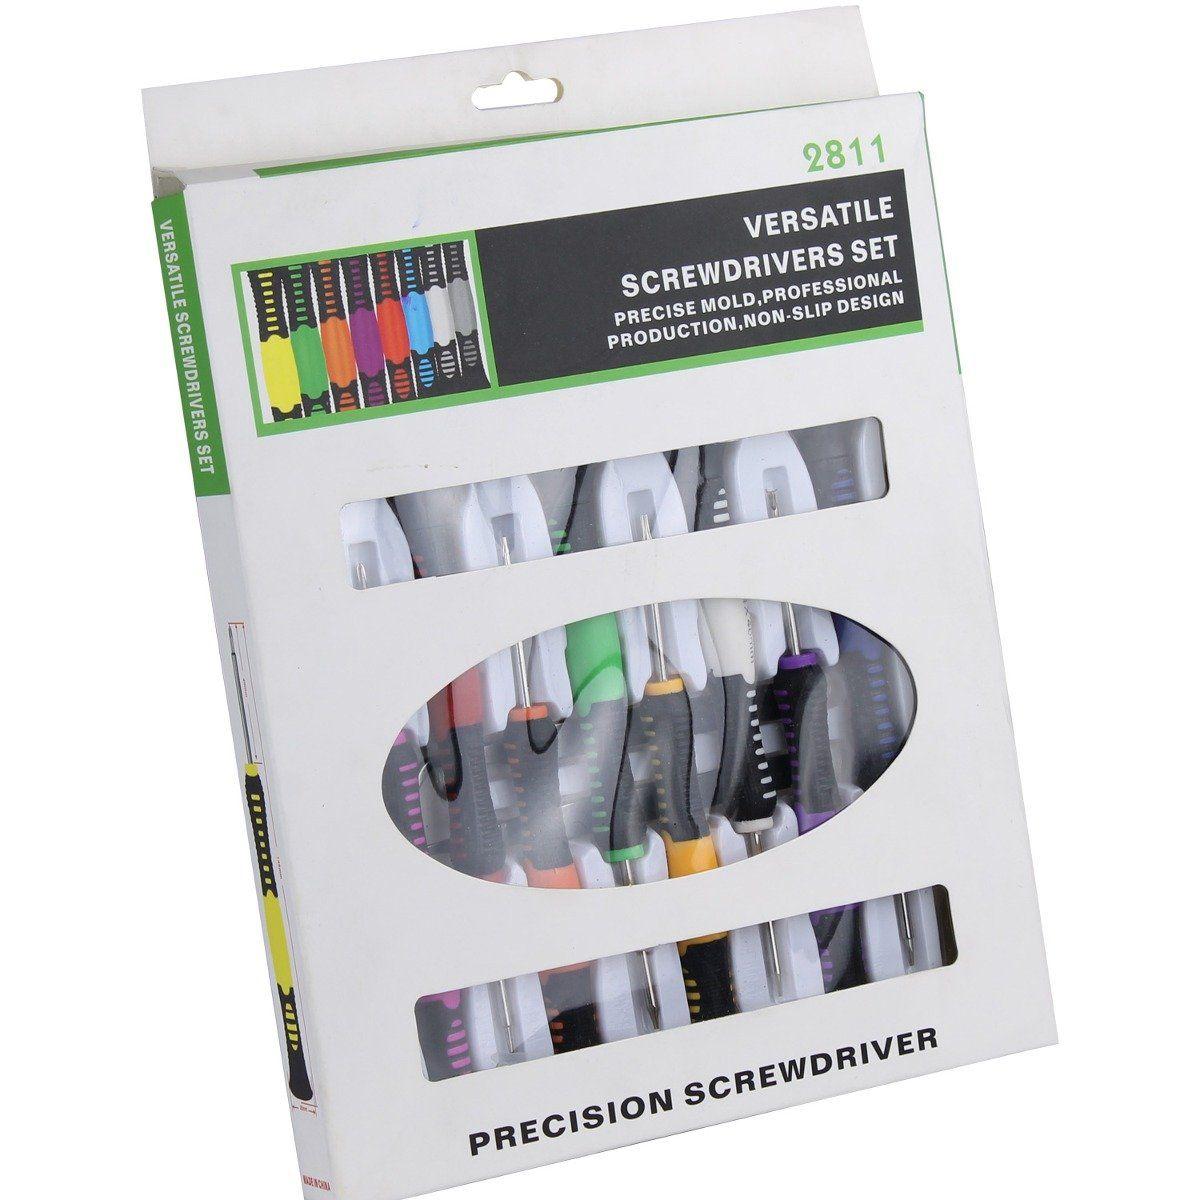 Kit Jogo de Chaves de Precisão e Ferramentas para Manutenção com 16 peças Xtrad XT-832